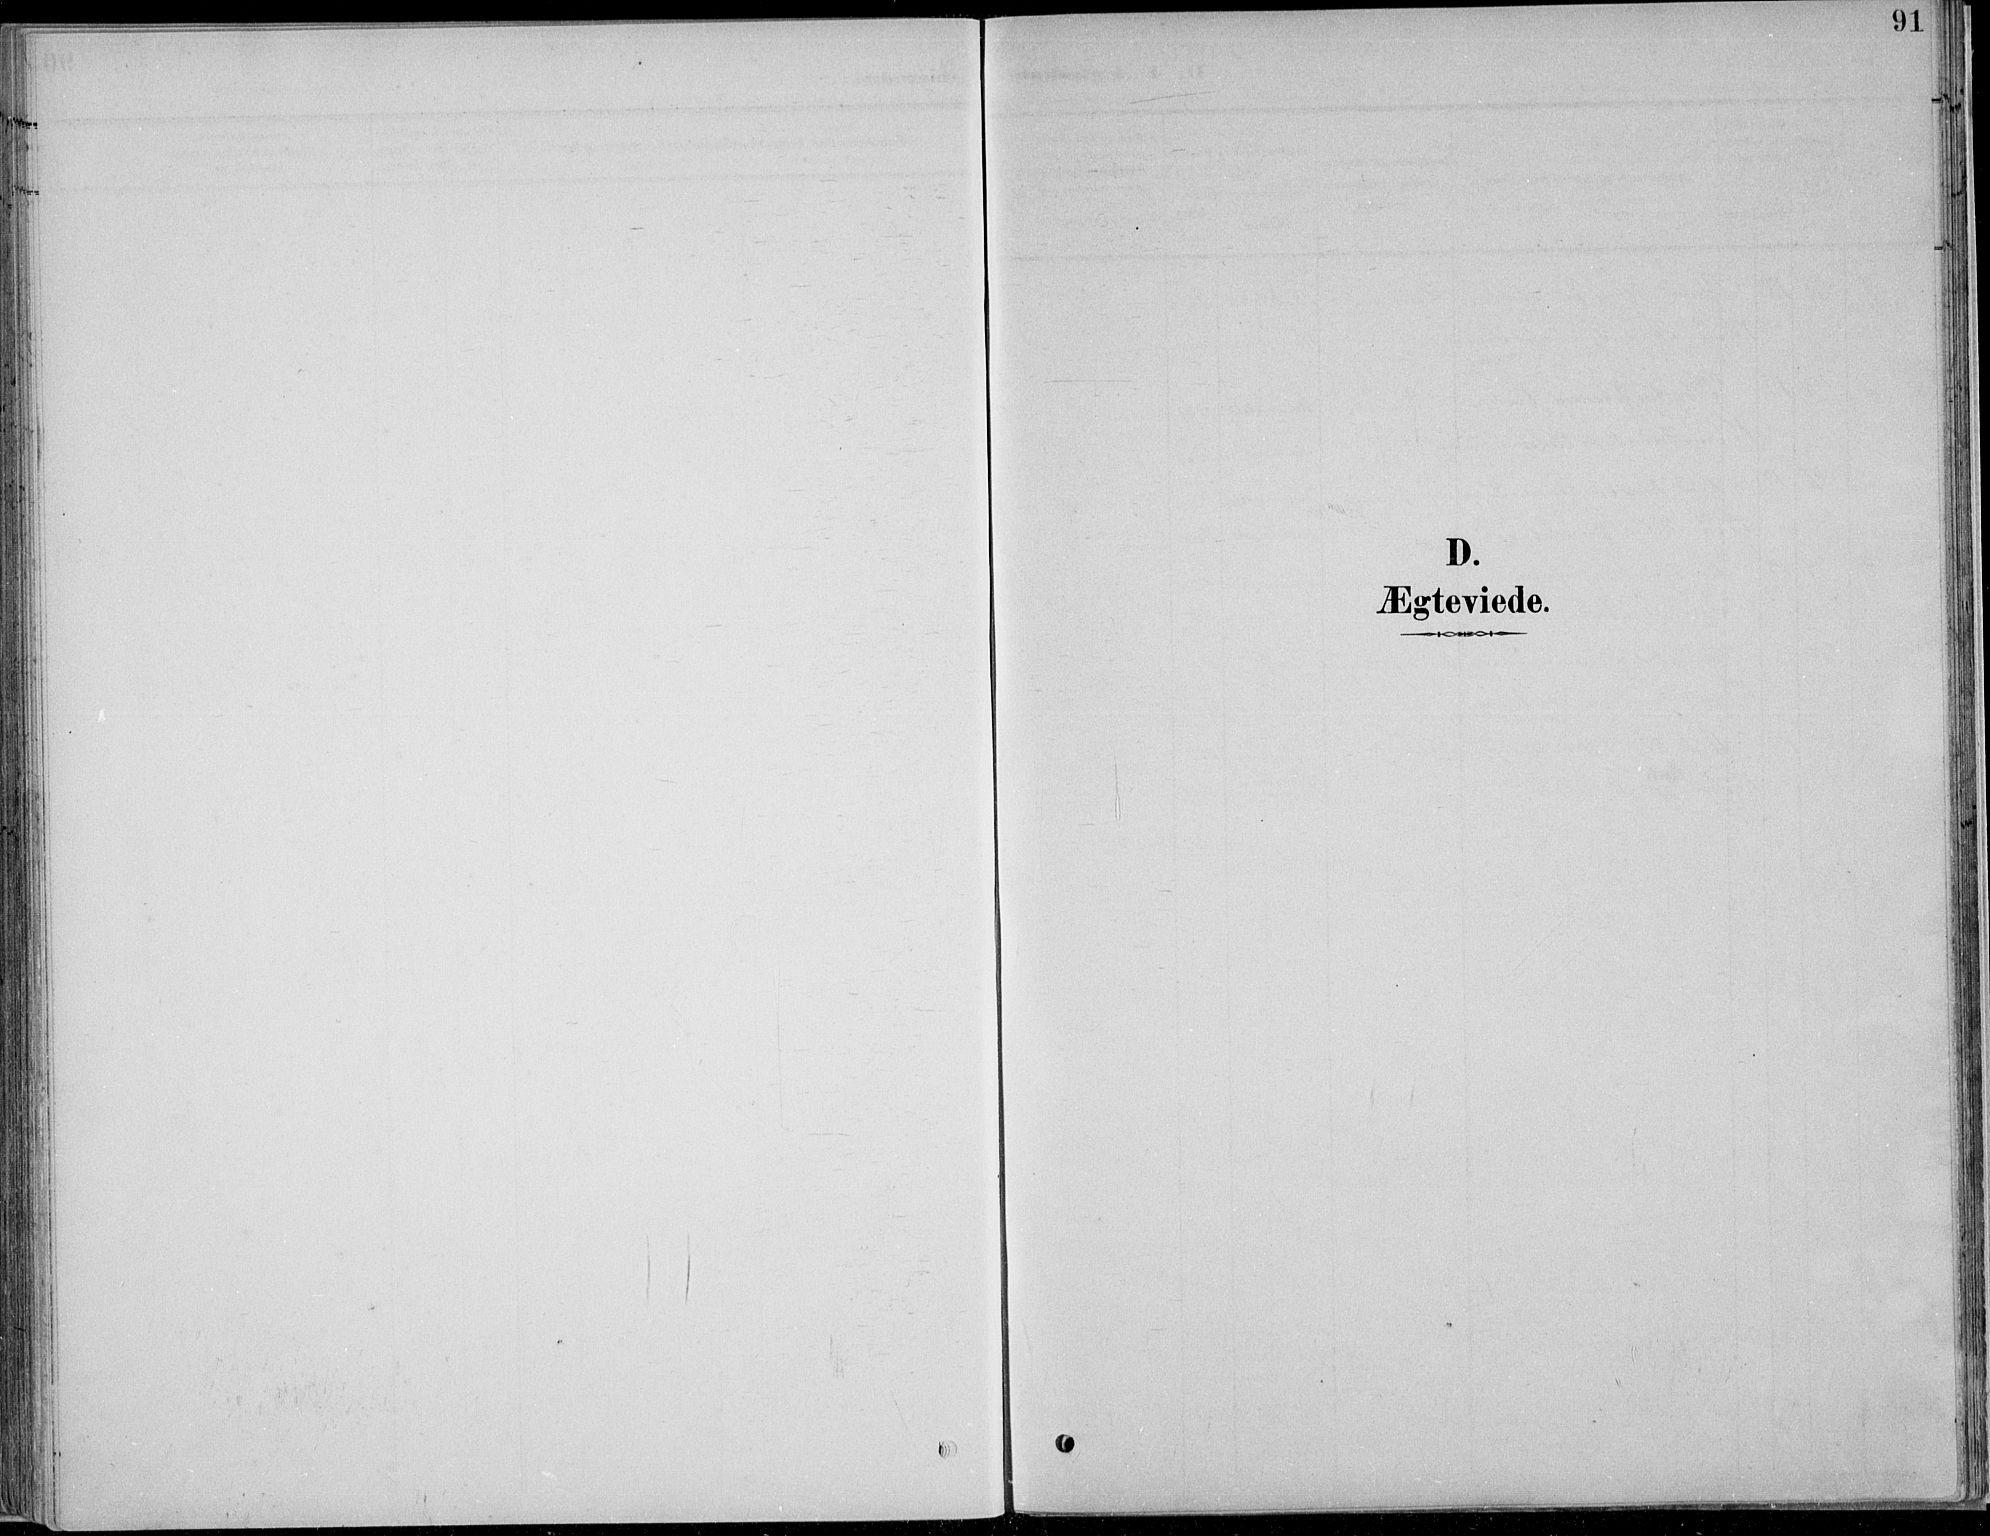 SAH, Nordre Land prestekontor, Klokkerbok nr. 13, 1891-1904, s. 91